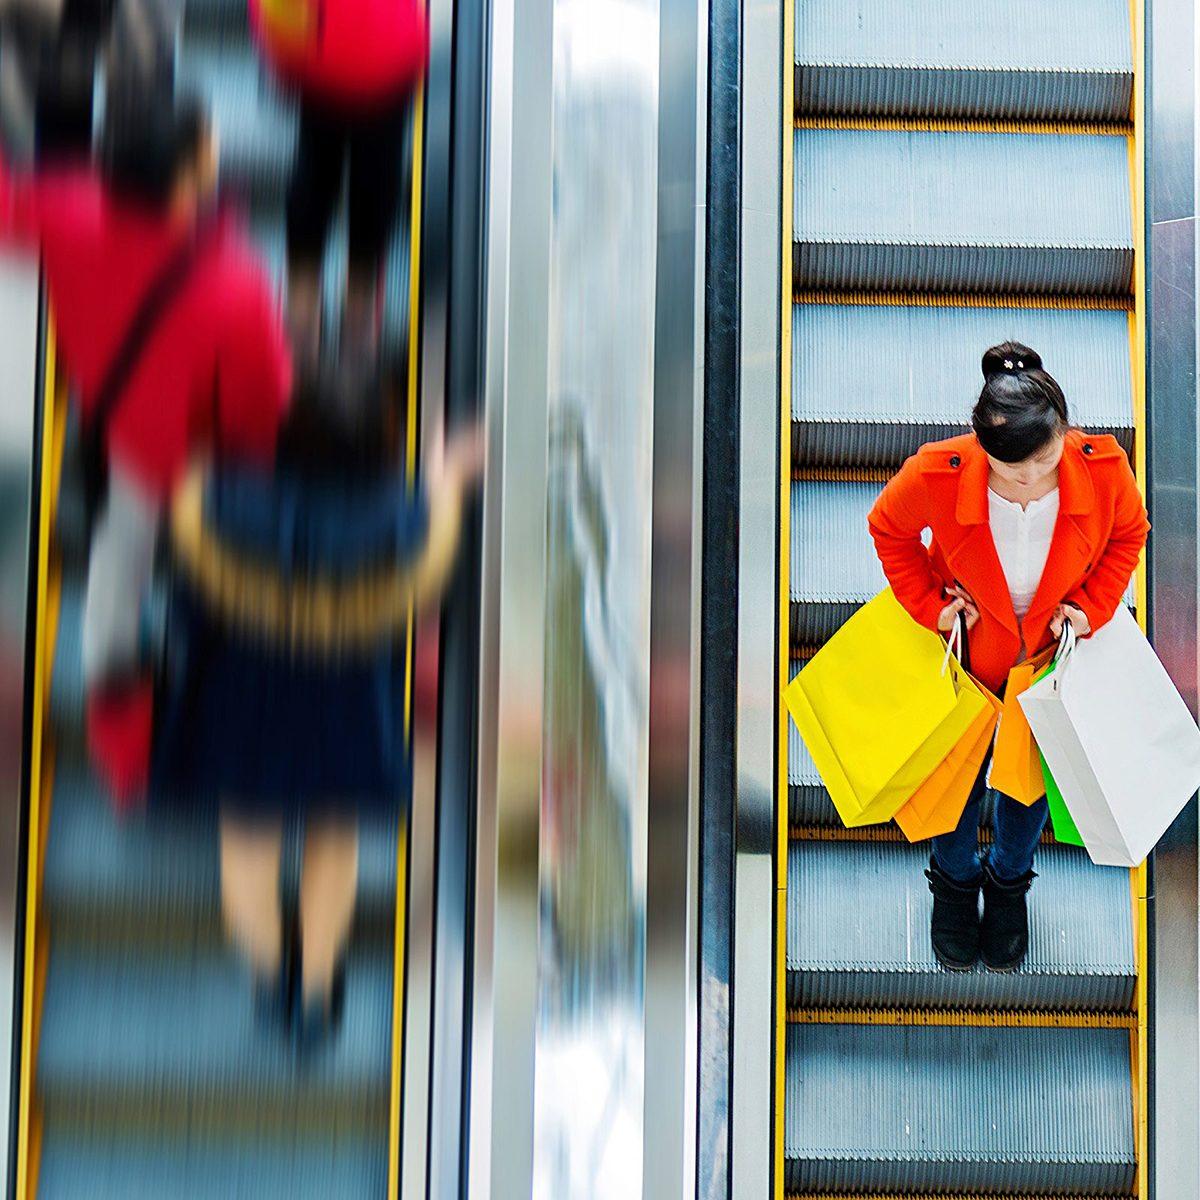 Shoppers on escalators